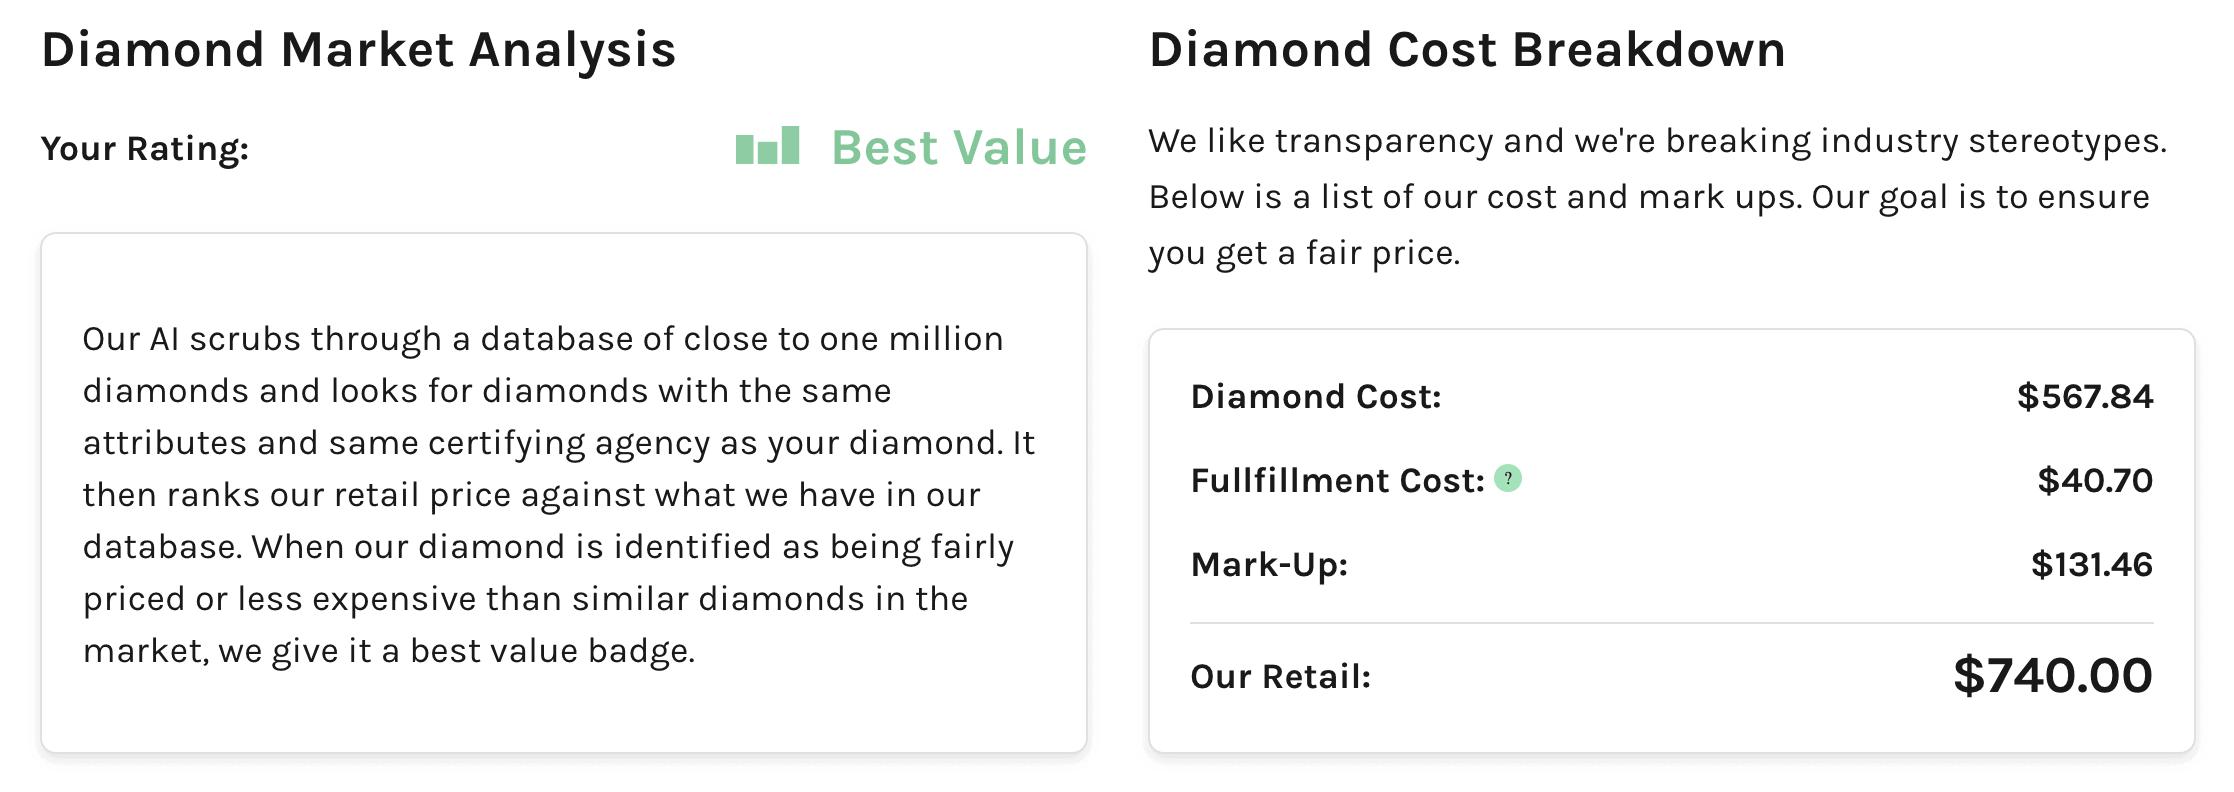 diamond marketing analysis